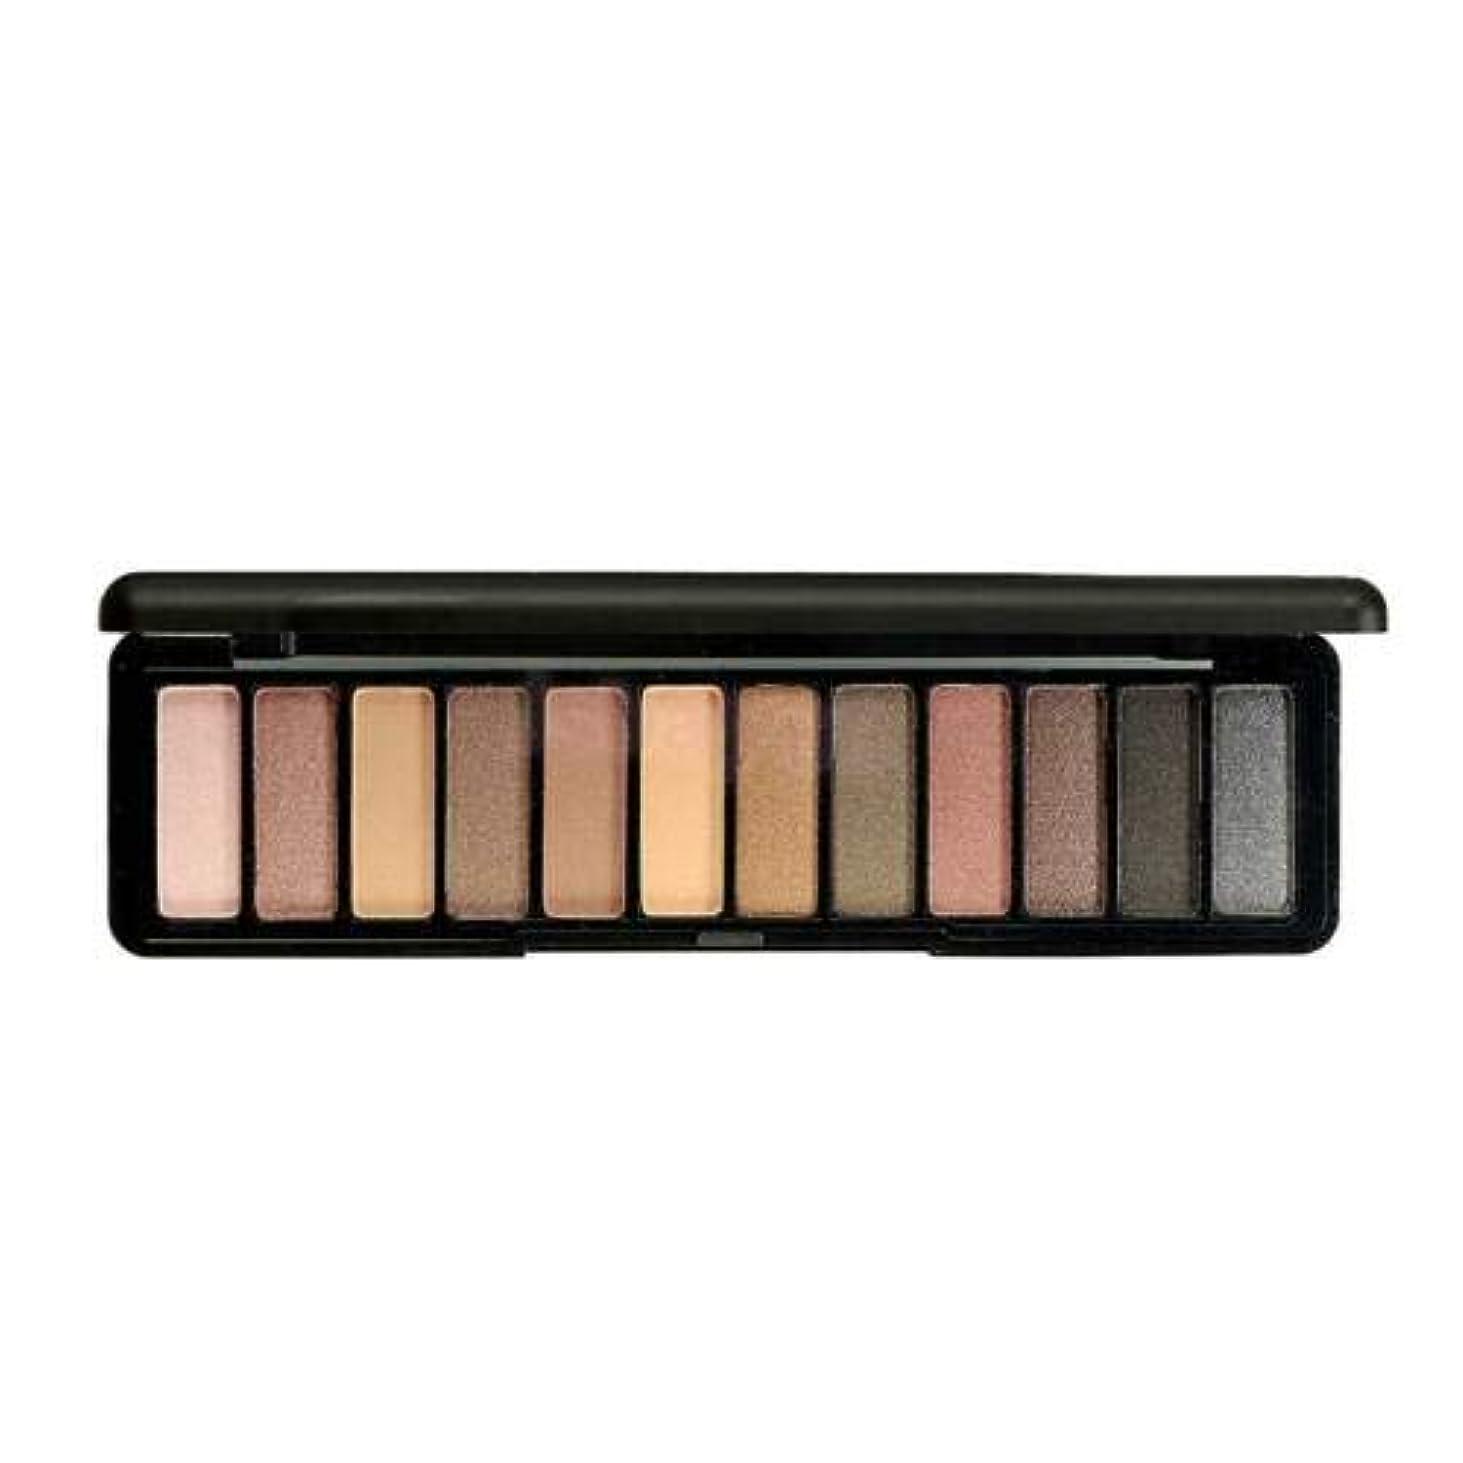 またねディスコ見込みFidgetGear 12色化粧アイシャドーパレットシマーパールマットアイシャドー化粧品 #1